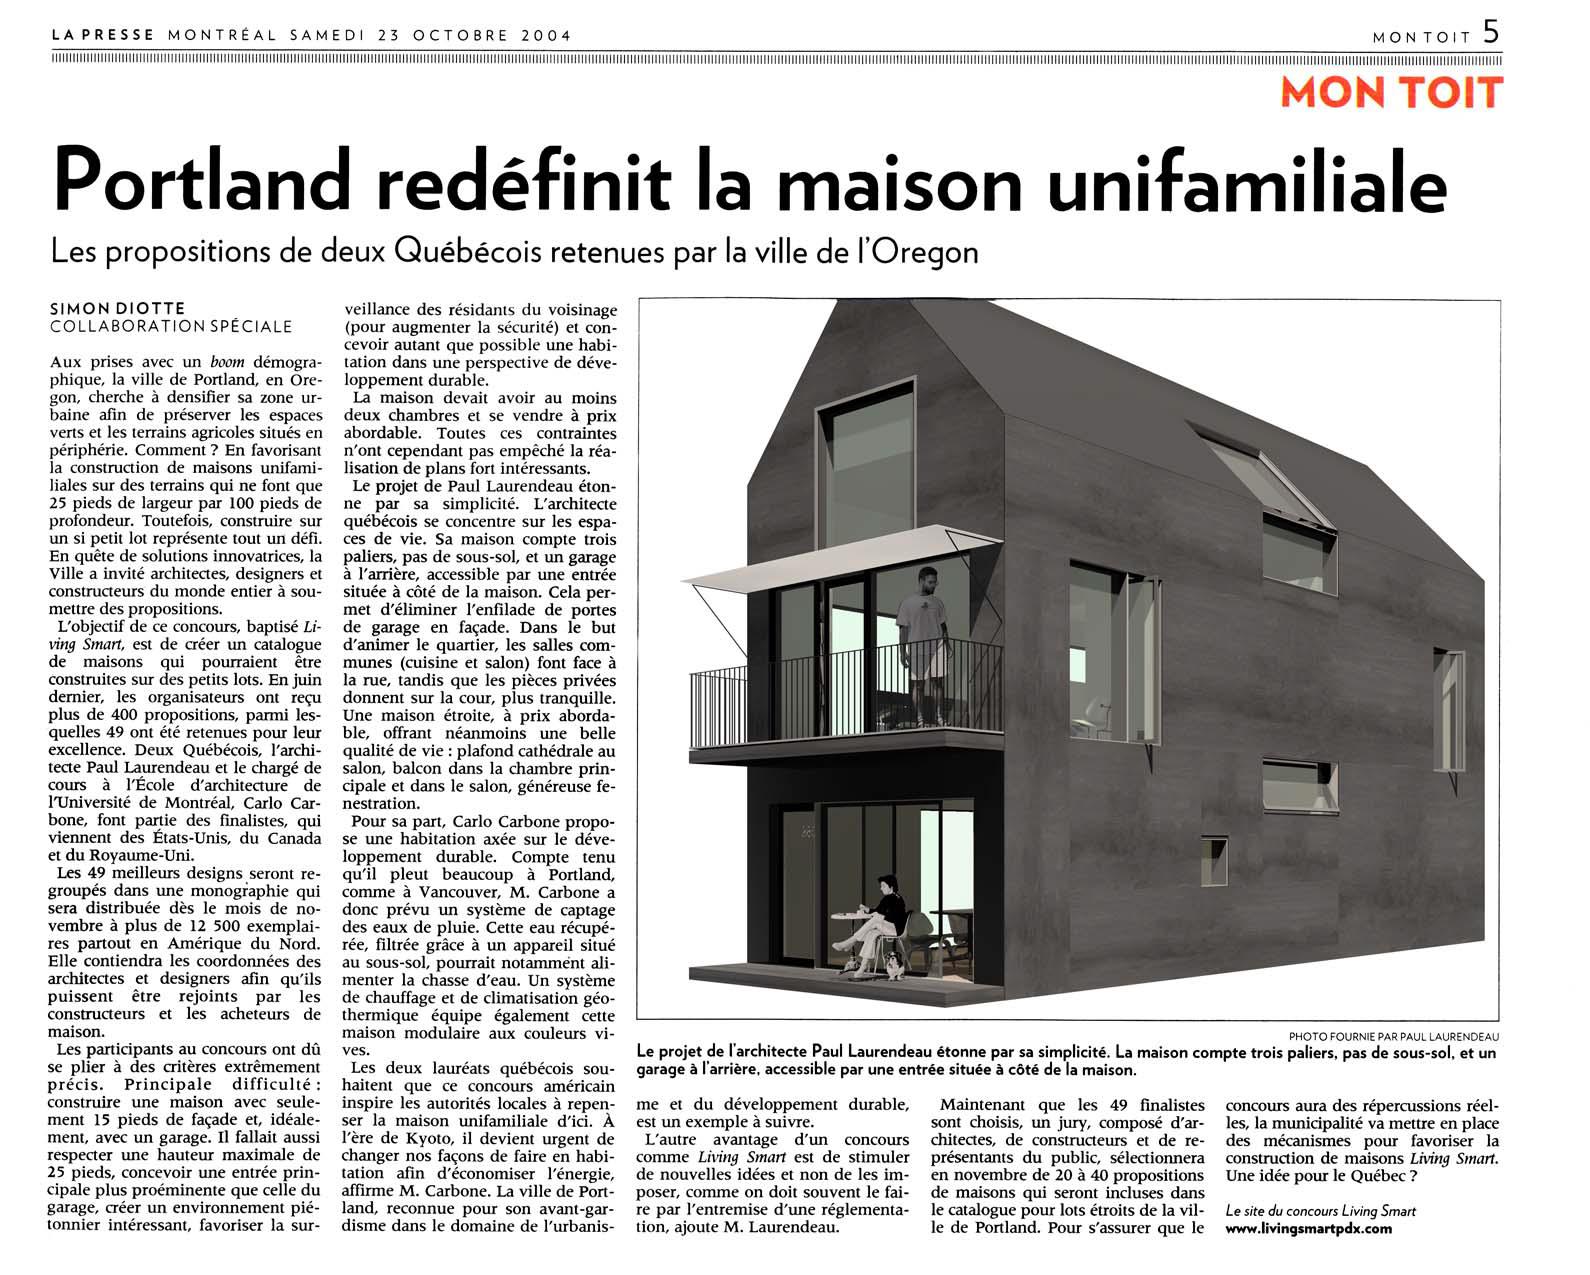 Copy of Portland redefinit la maison unifamiliale